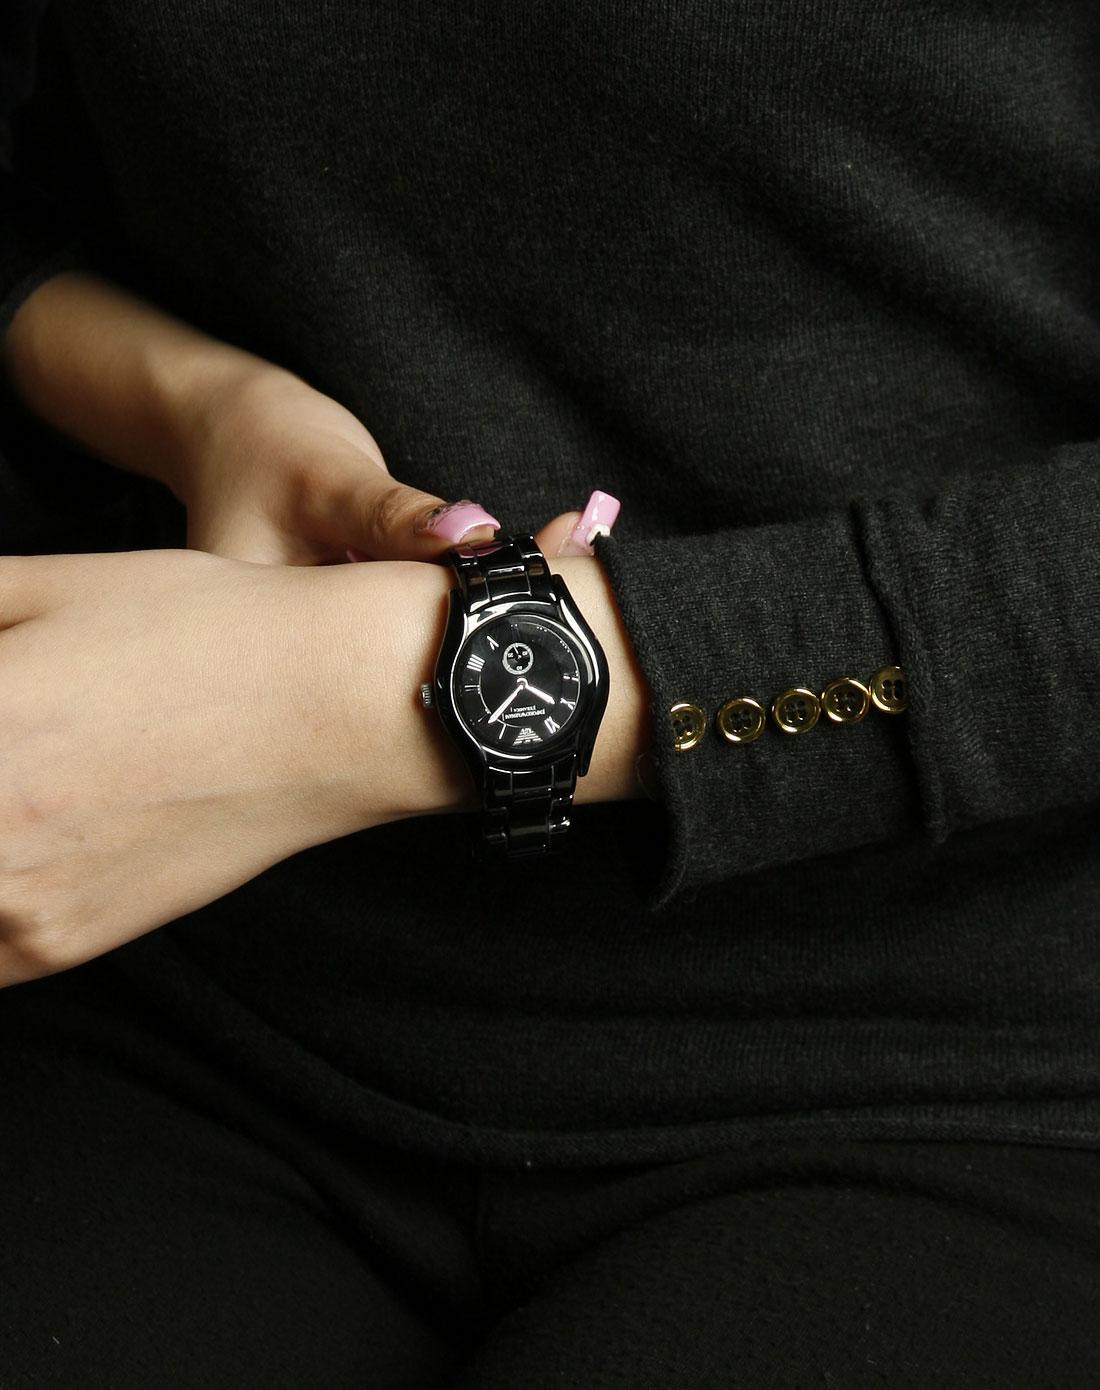 Đồng hồ nữ Emporio Armani AR1402 sang trọng chín chắn